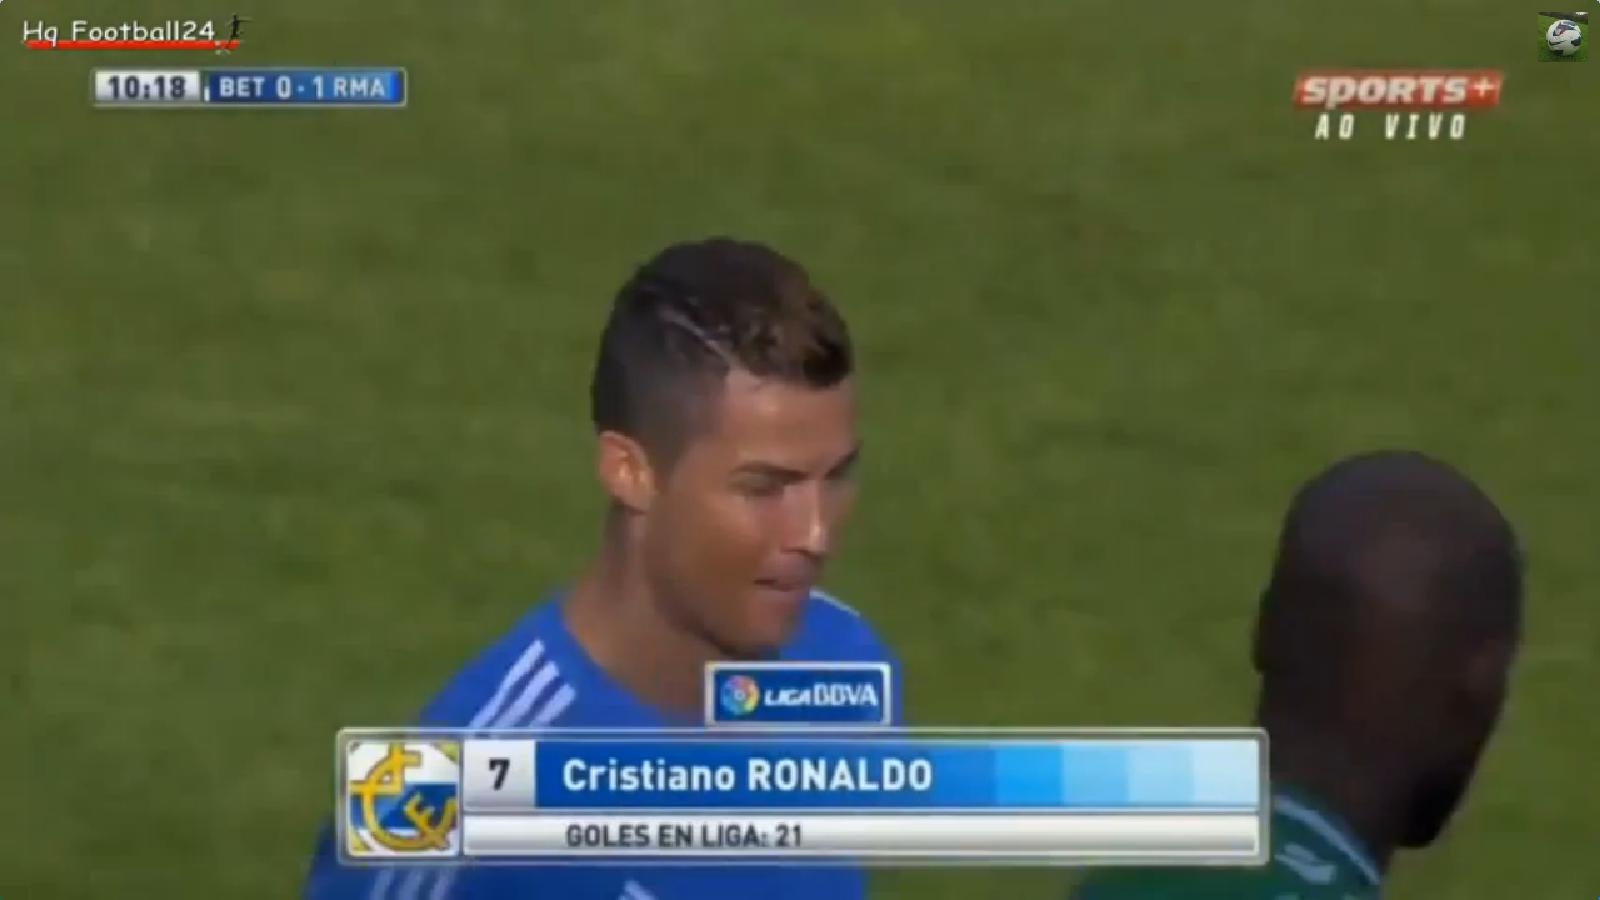 Cristiano Ronaldo Comemora seu golaço. Seu chute atingiu 113 KM/H - simplesmente o melhor do mundo!